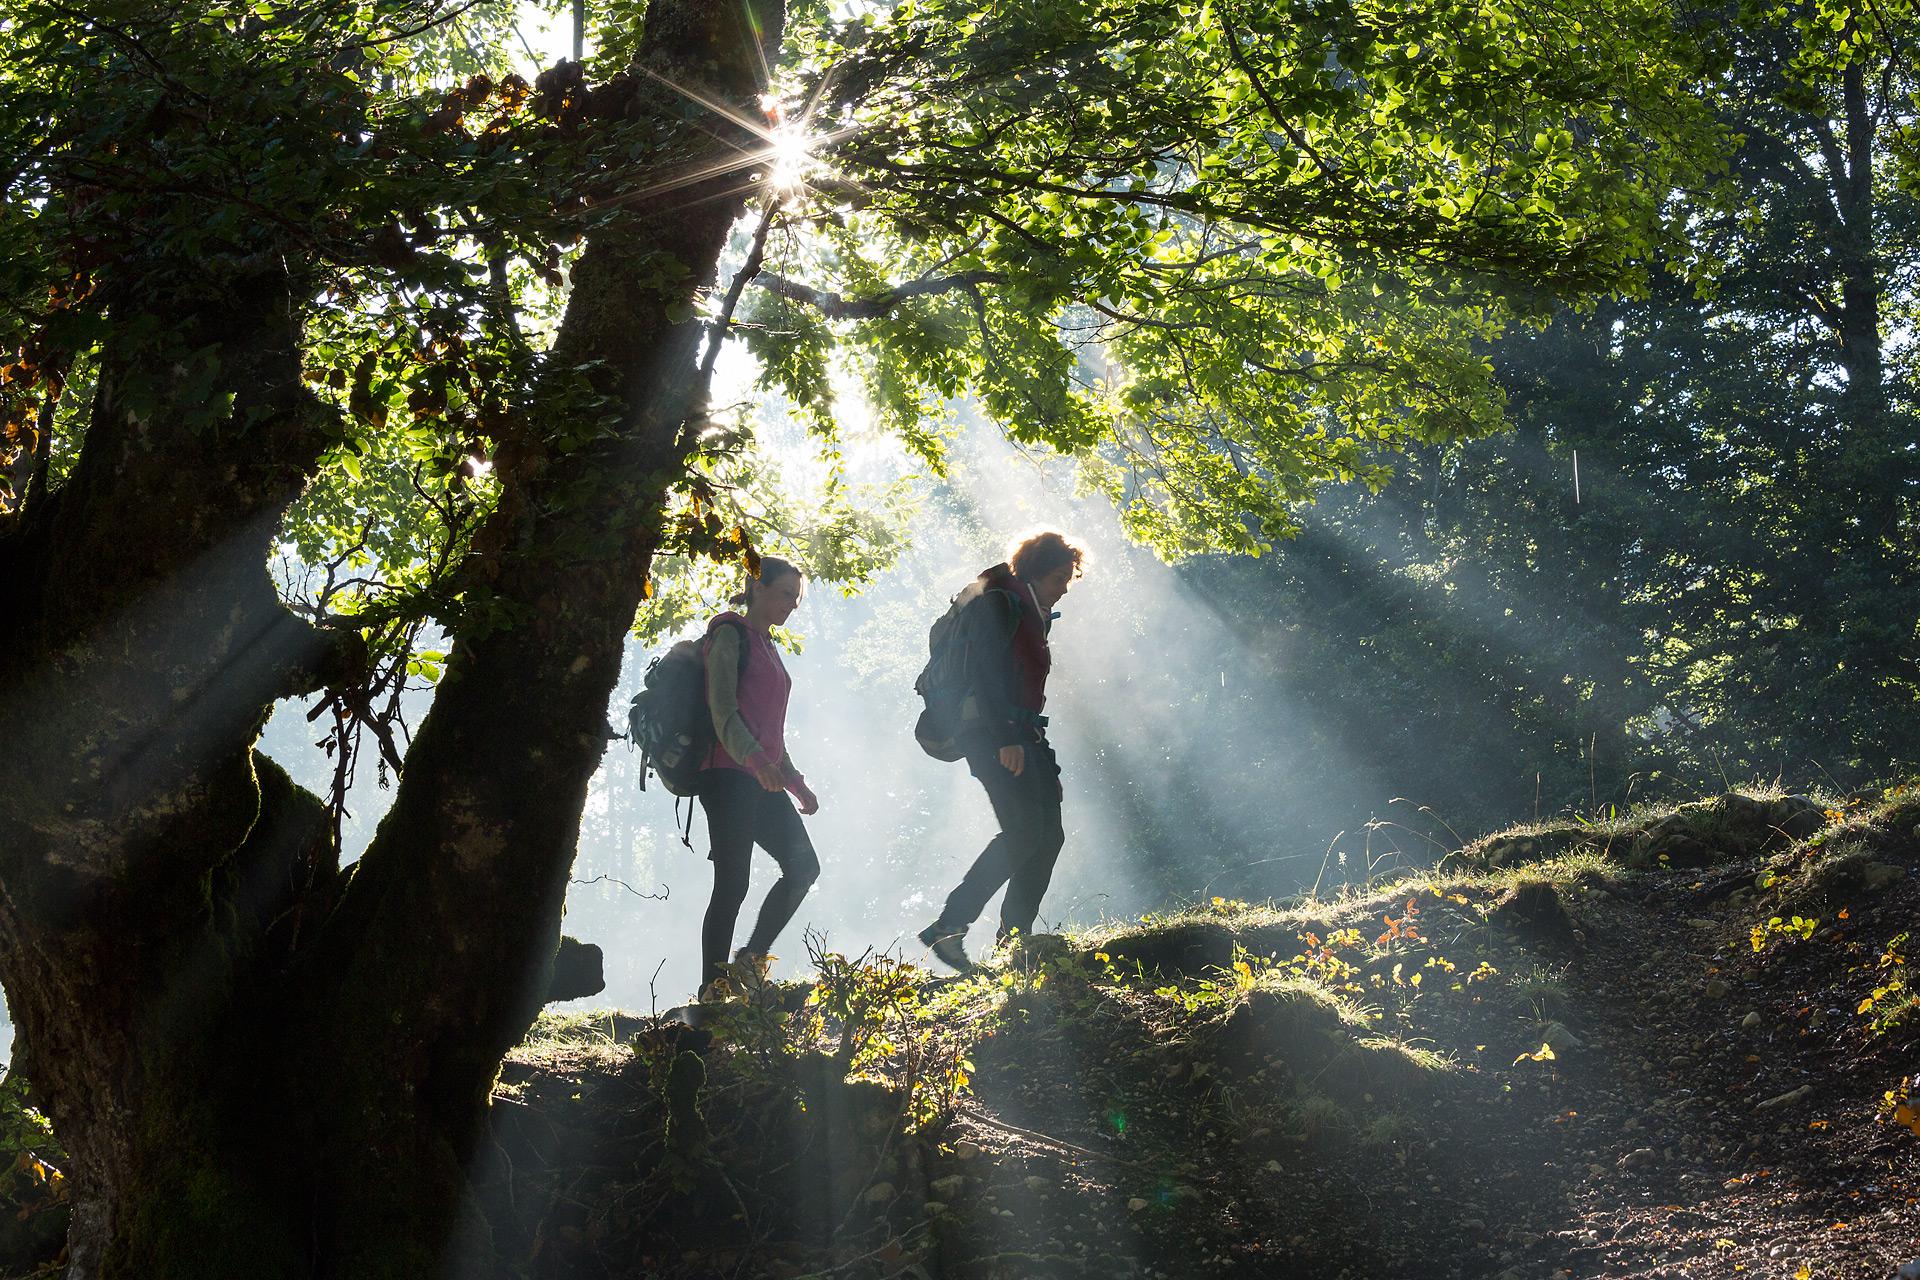 Le foreste sono dei luoghi funzionali per la ricreazione psico-fisica delle persone